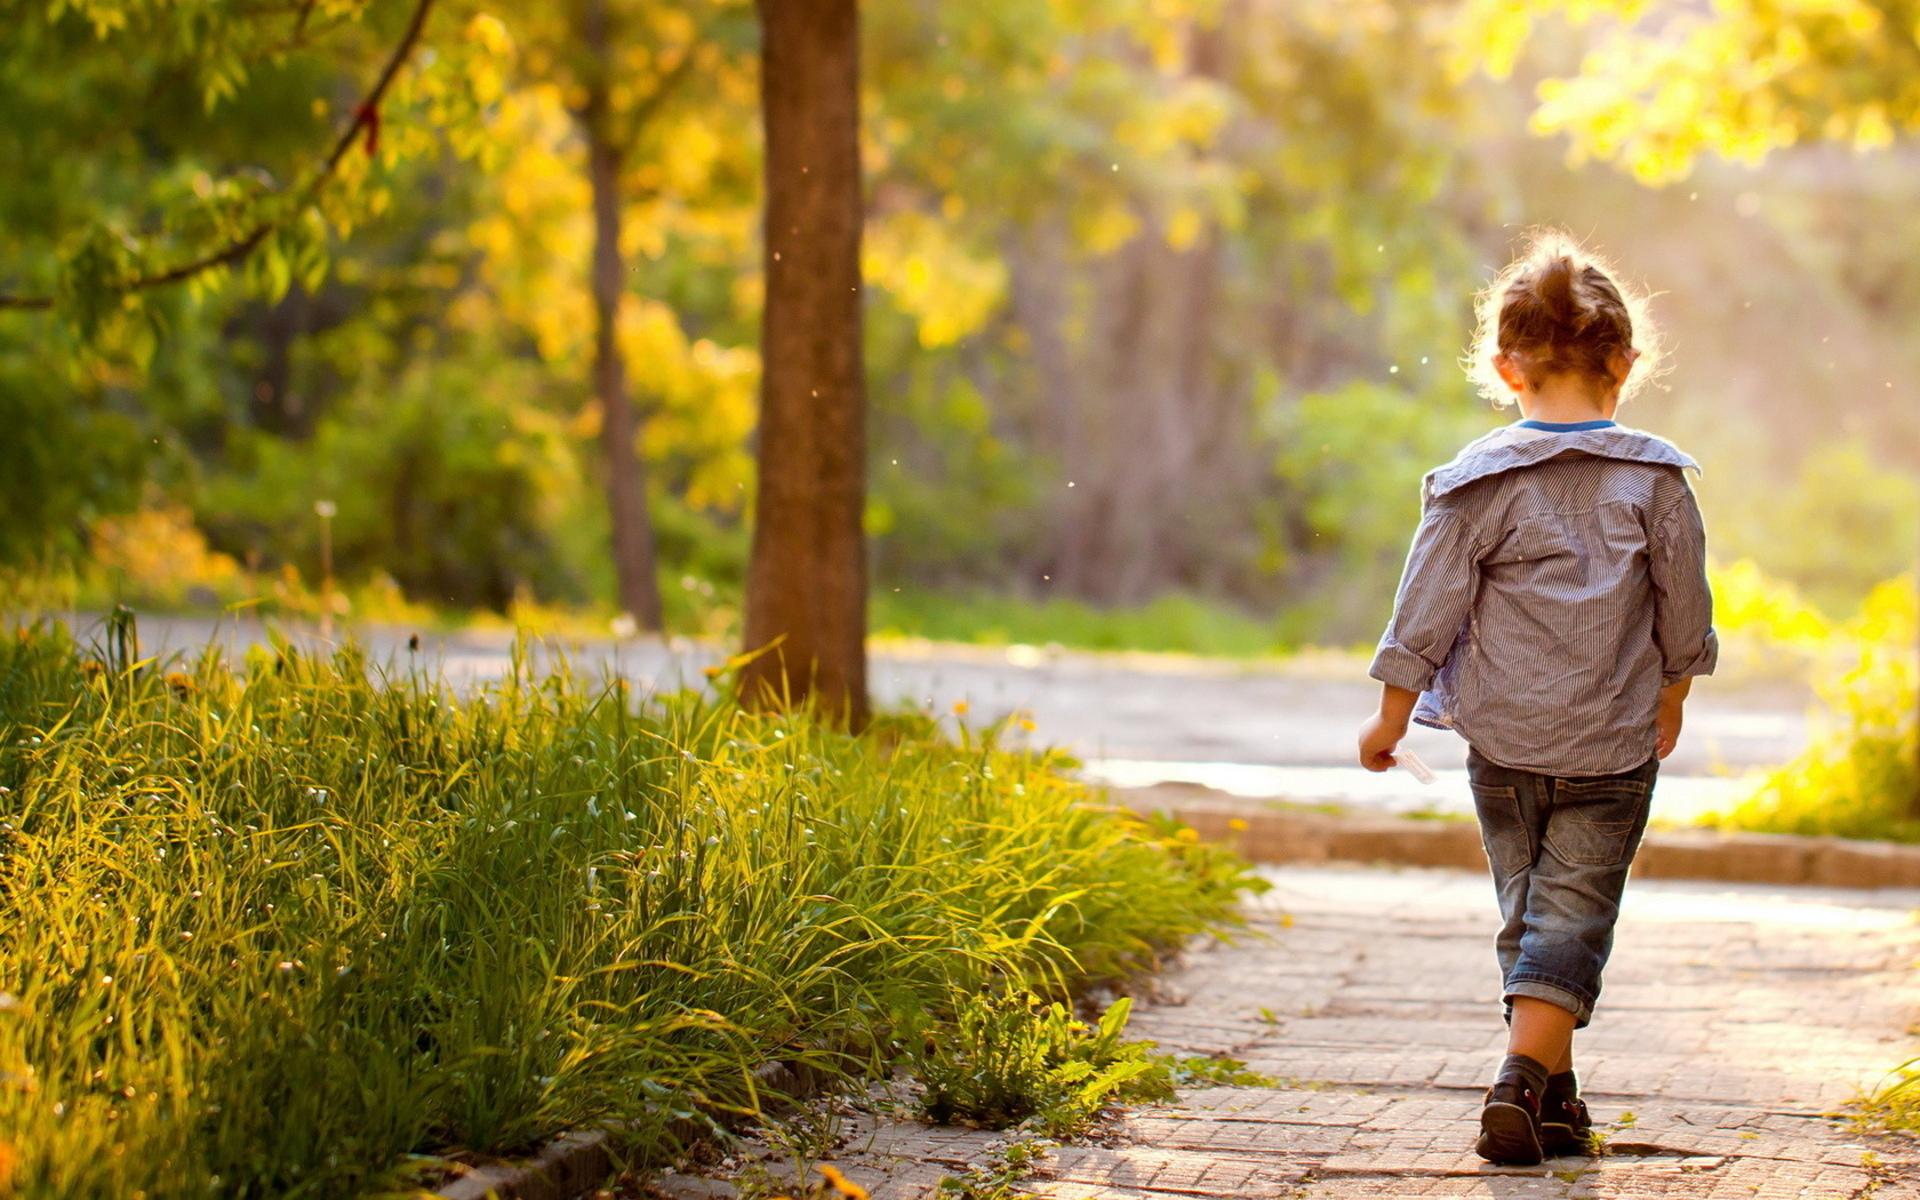 People Children Cute Trees Pathways Sidewalks Wallpaper